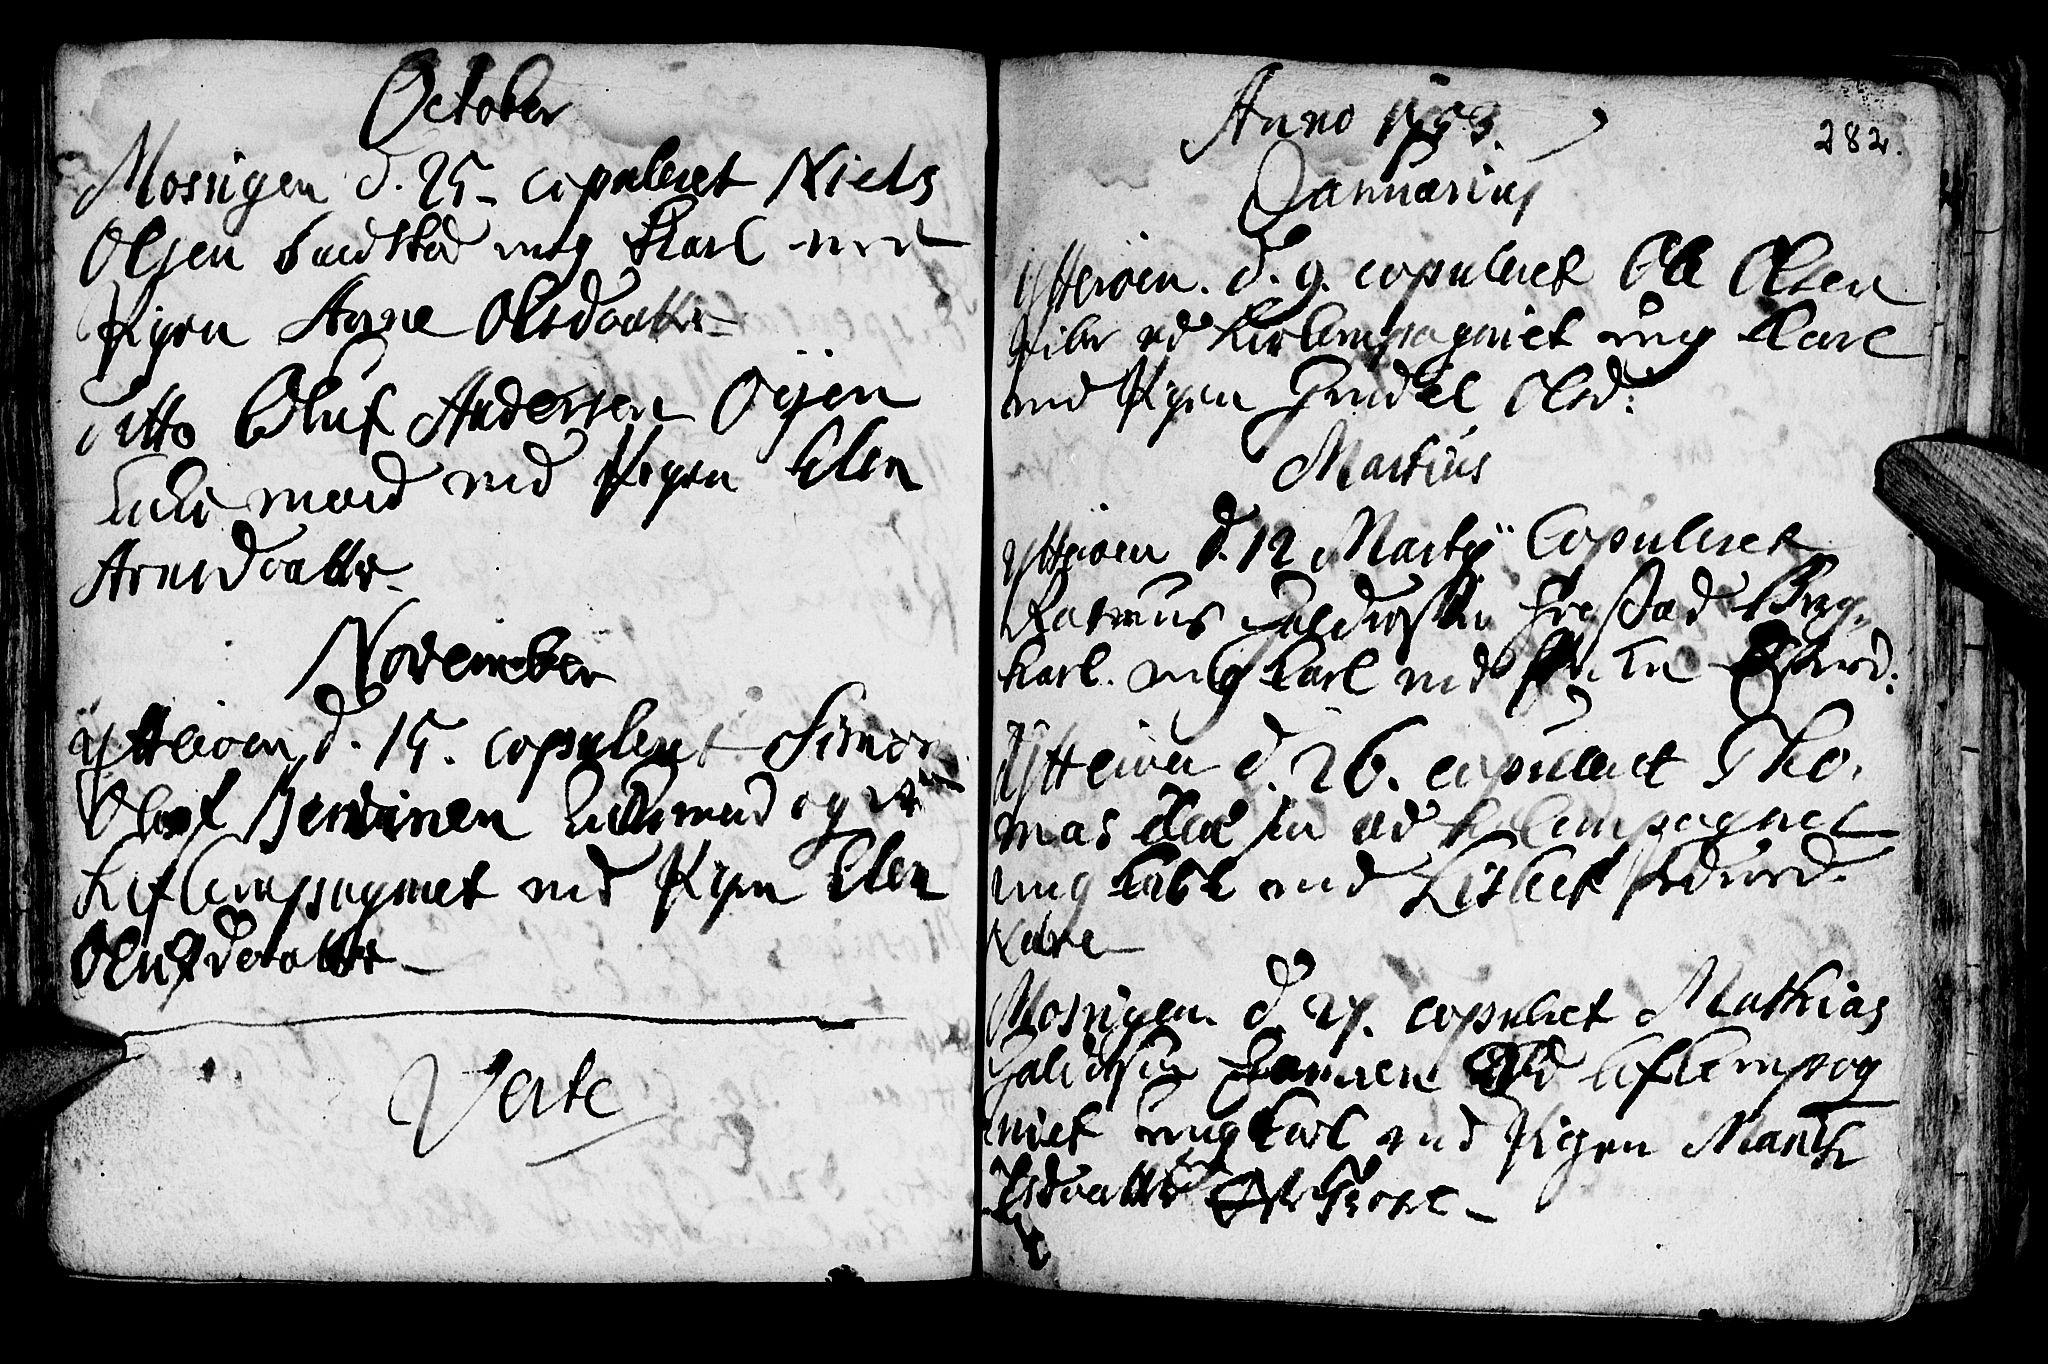 SAT, Ministerialprotokoller, klokkerbøker og fødselsregistre - Nord-Trøndelag, 722/L0215: Ministerialbok nr. 722A02, 1718-1755, s. 282